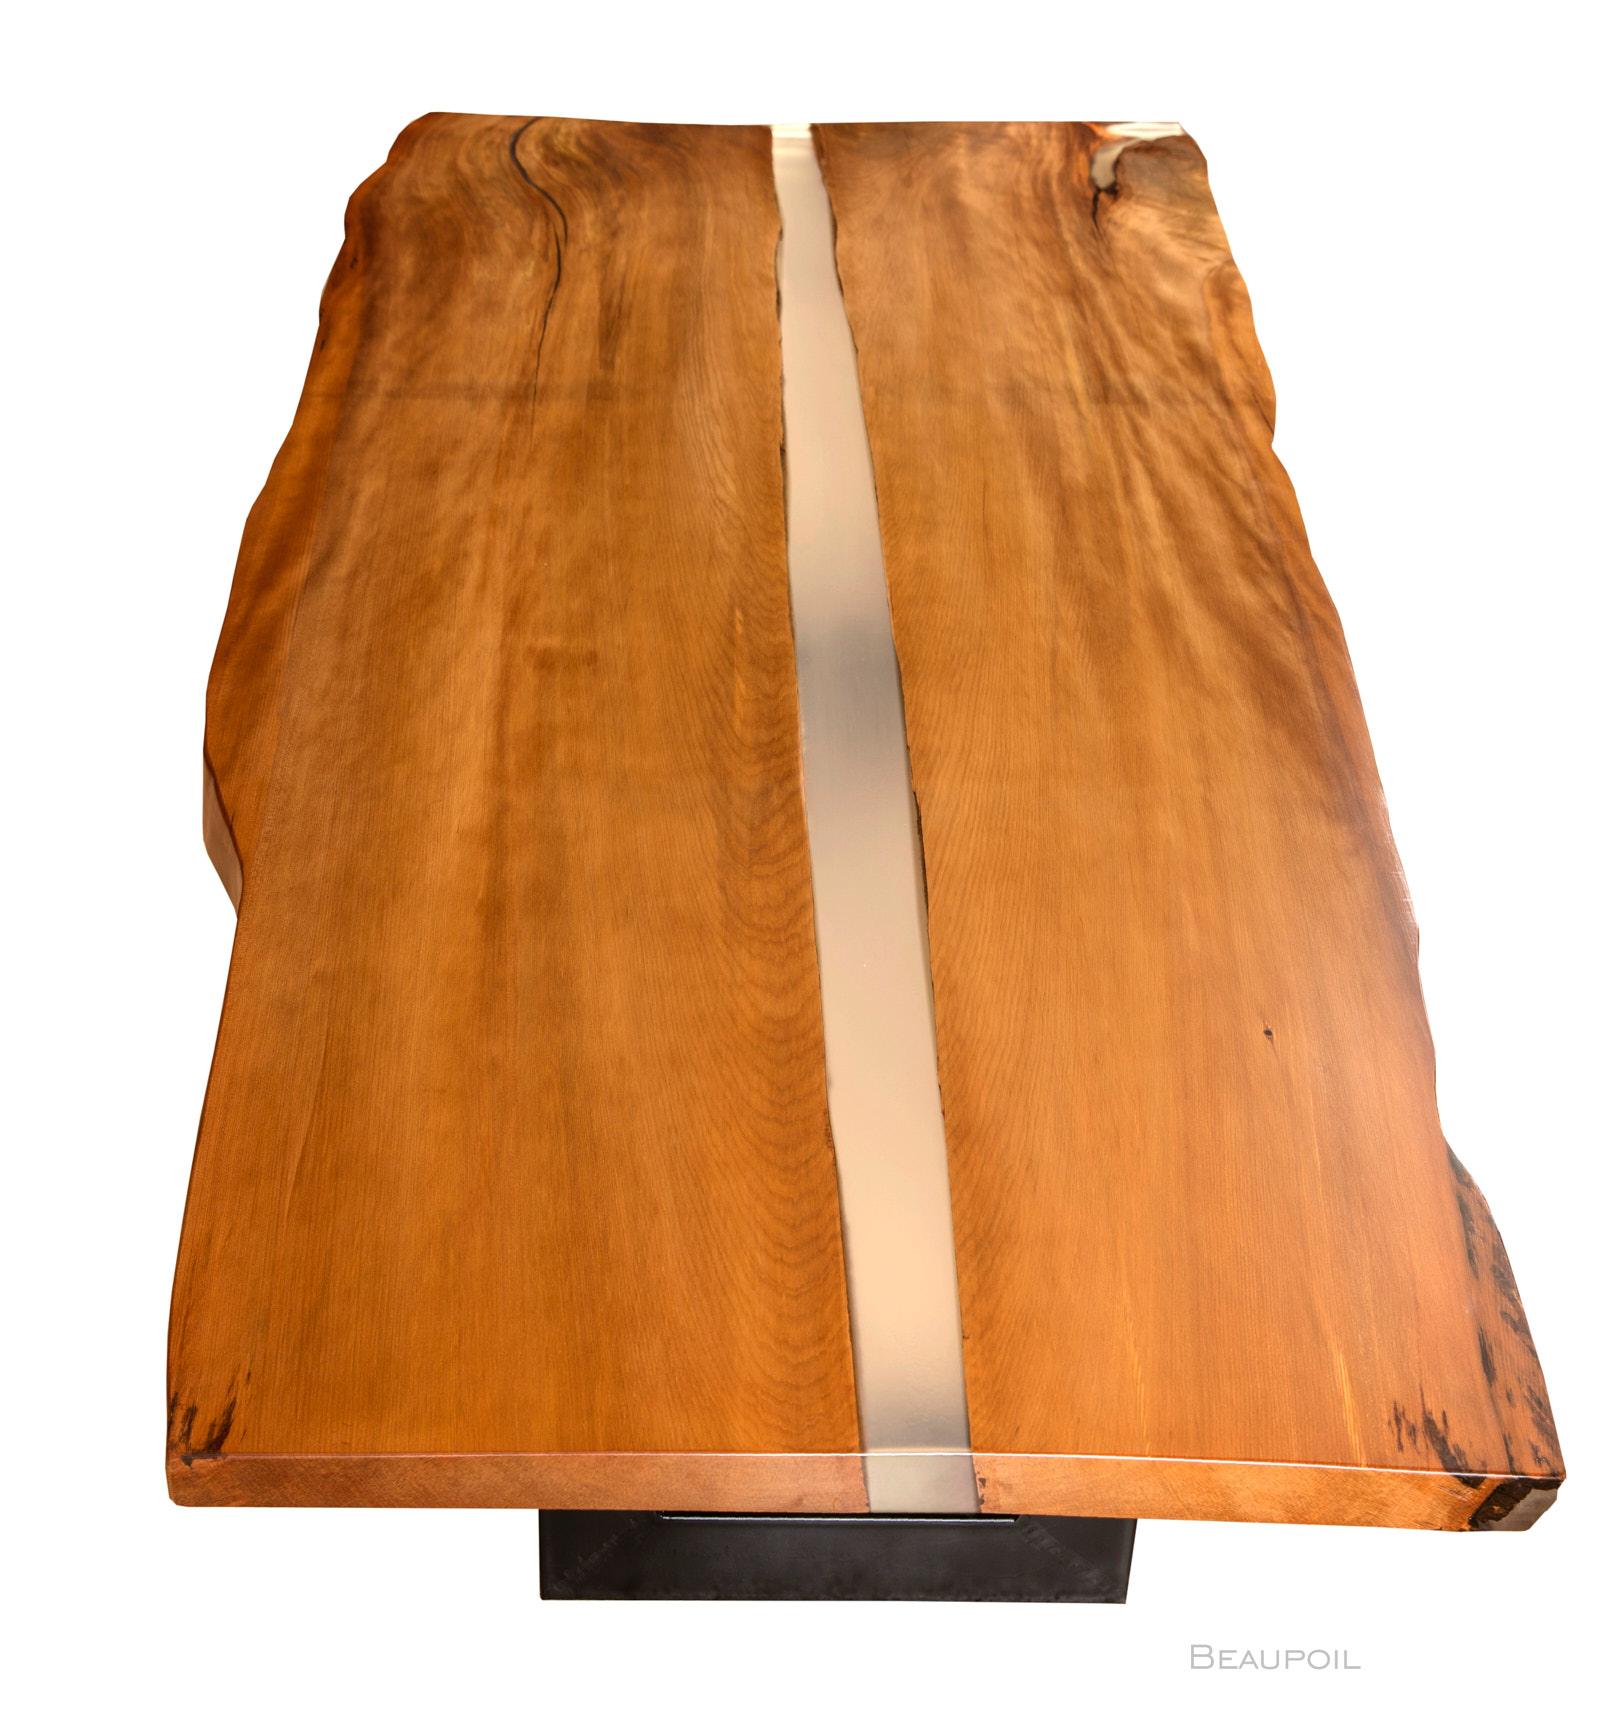 Grosser Kauri Esstisch mit Flusslauf als River Table mit hochwertigem Epoxidharz, individueller Holztisch aus Baumstamm